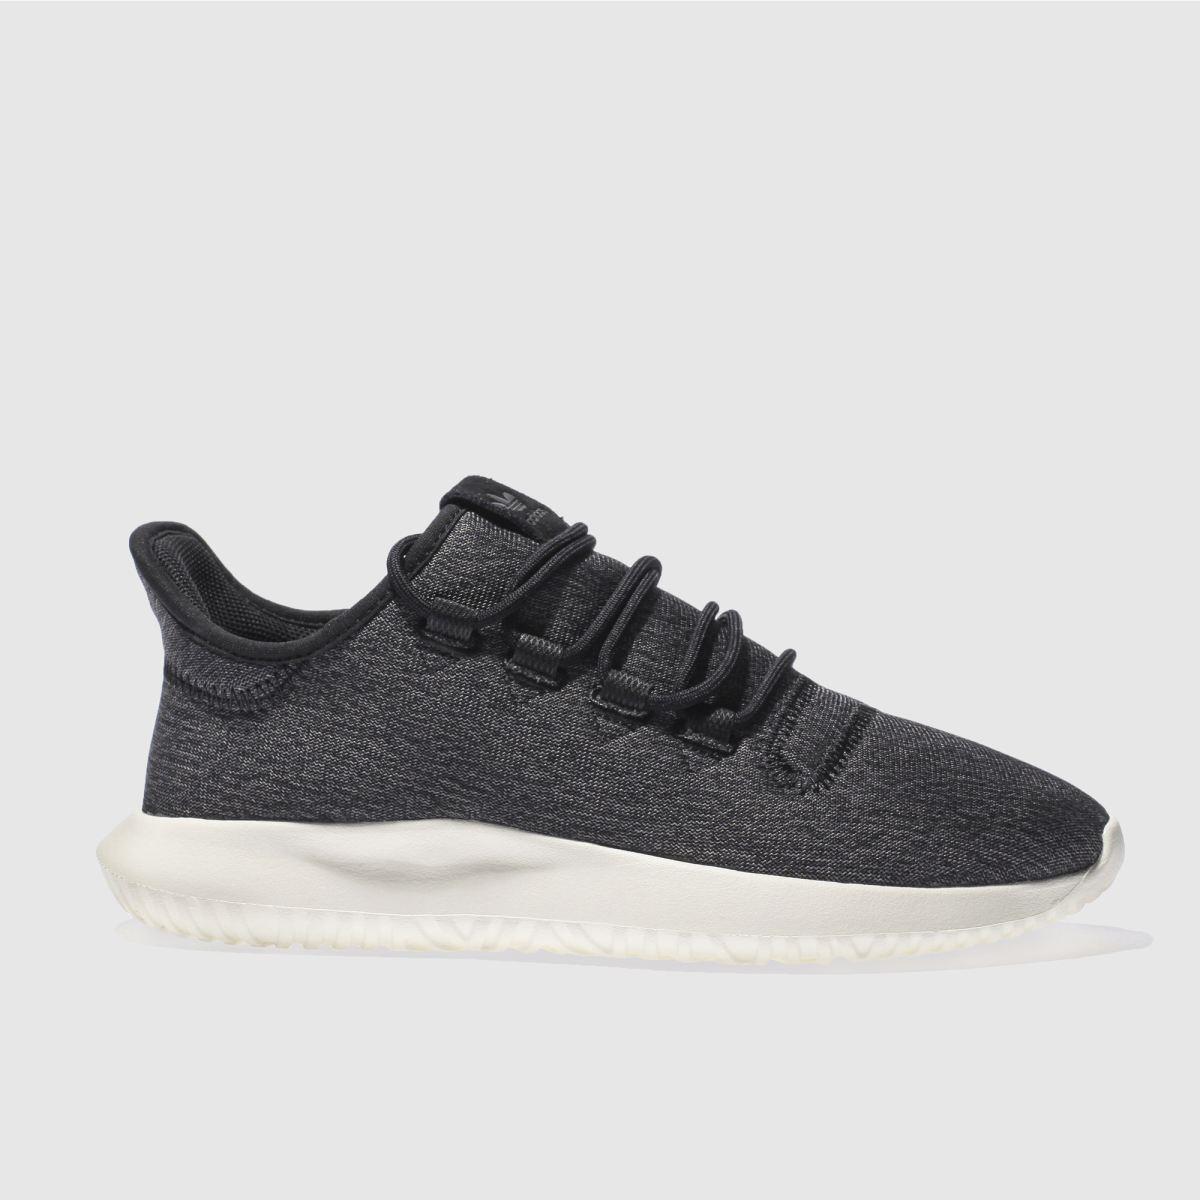 adidas black & white tubular shadow trainers